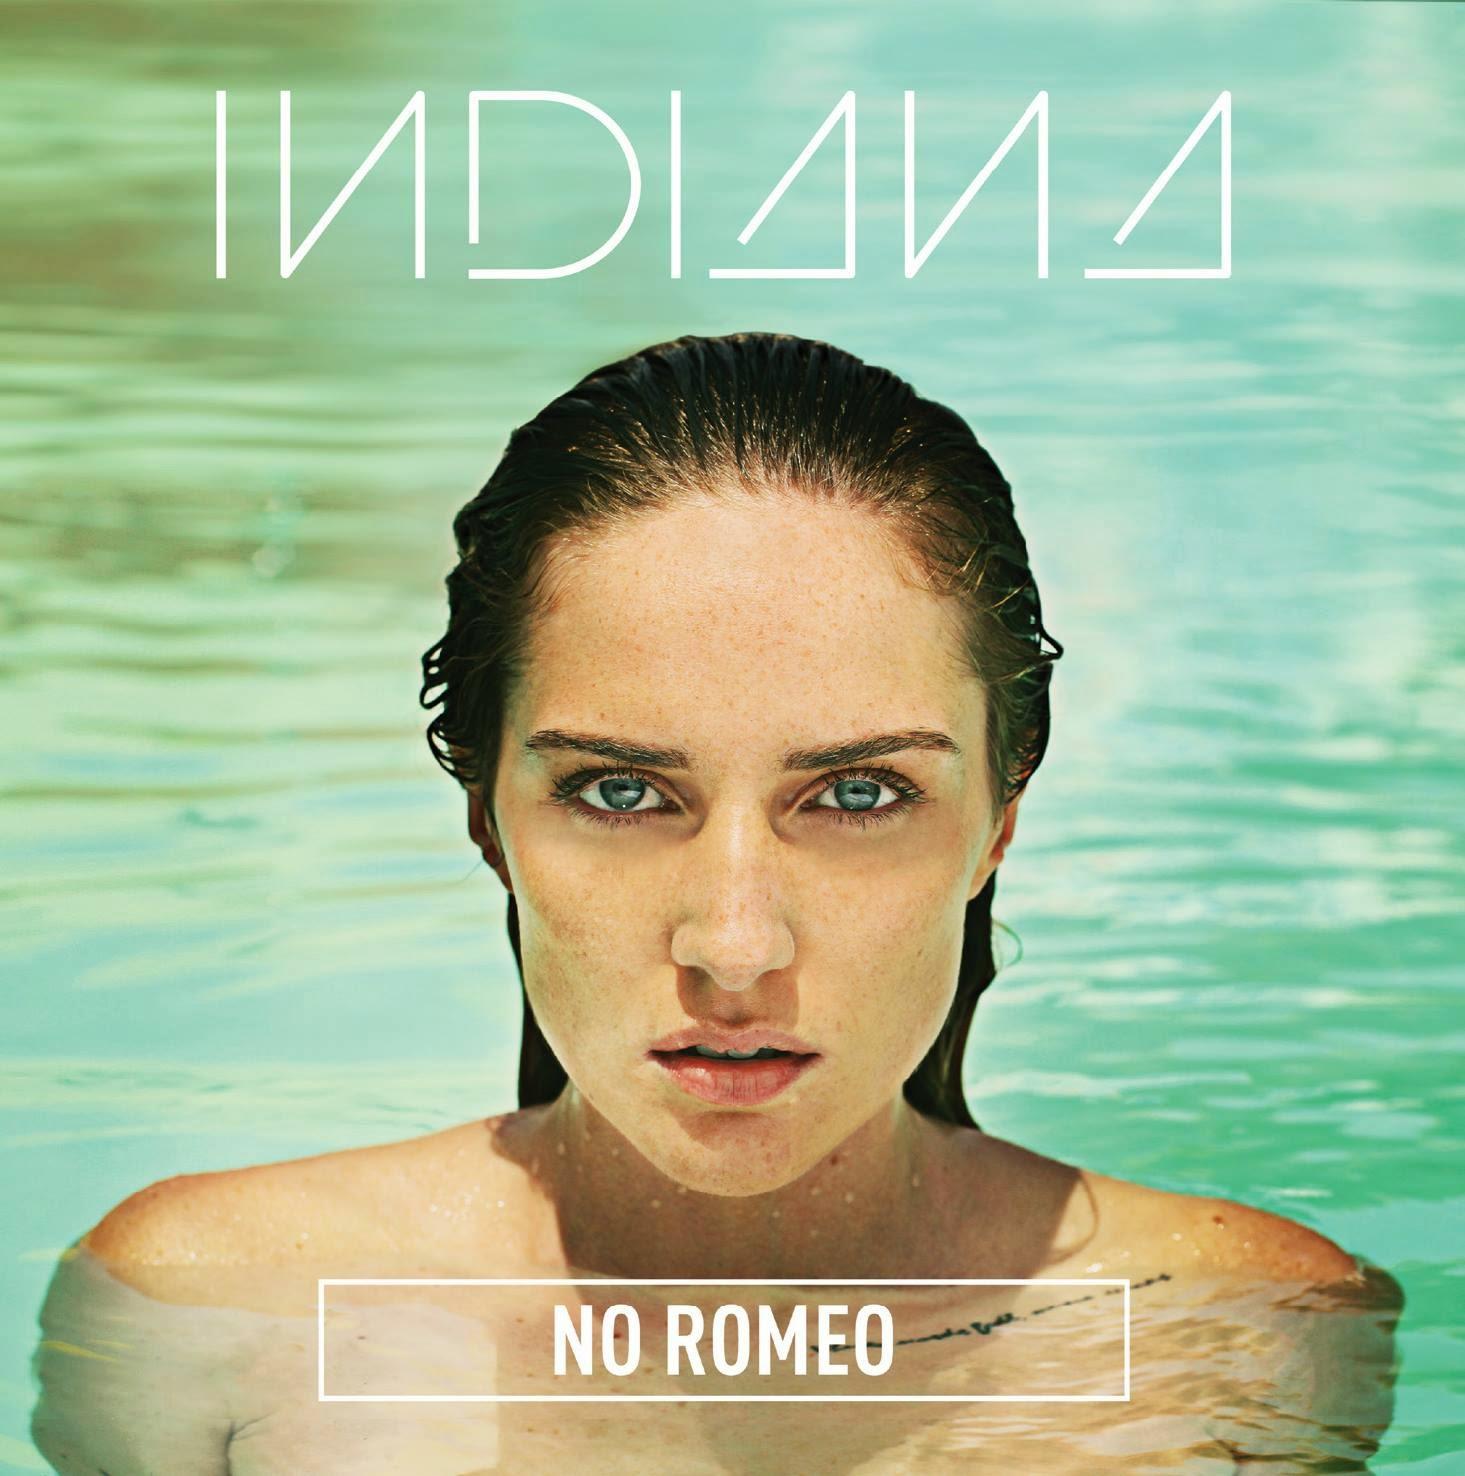 Indiana No Romeo